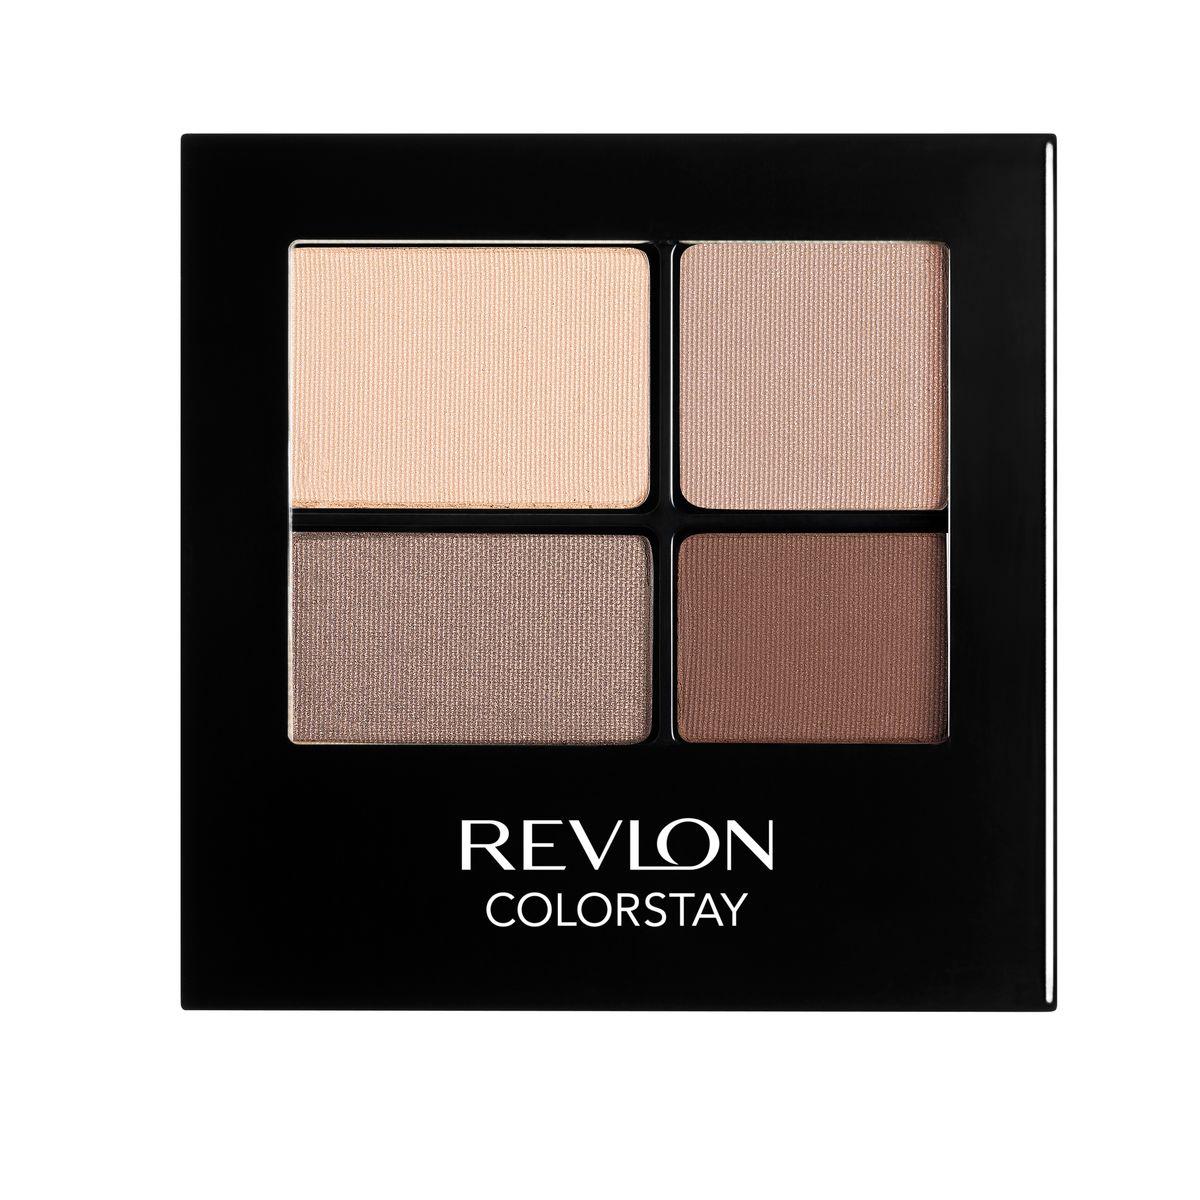 Revlon Тени для Век Четырехцветные Colorstay Eye16 Hour Eye Shadow Quad Addictive 500 42 г7210767001Colorstay 16 Hour Sahdow - роскошные тени для век с шелковистой текстурой и невероятно стойкой формулой. Теперь ваш макияж сохранит свой безупречный вид не менее 16 часов! Все оттенки гармонично сочетаются друг с другом и легко смешиваются, позволяя создать бесконечное количество вариантов макияжа глаз: от нежных, естественных, едва заметных, до ярких, выразительных, драматических. На оборотной стороне продукта приведена схема нанесения.Аккуратно нанести на веки специальной кисточкой.